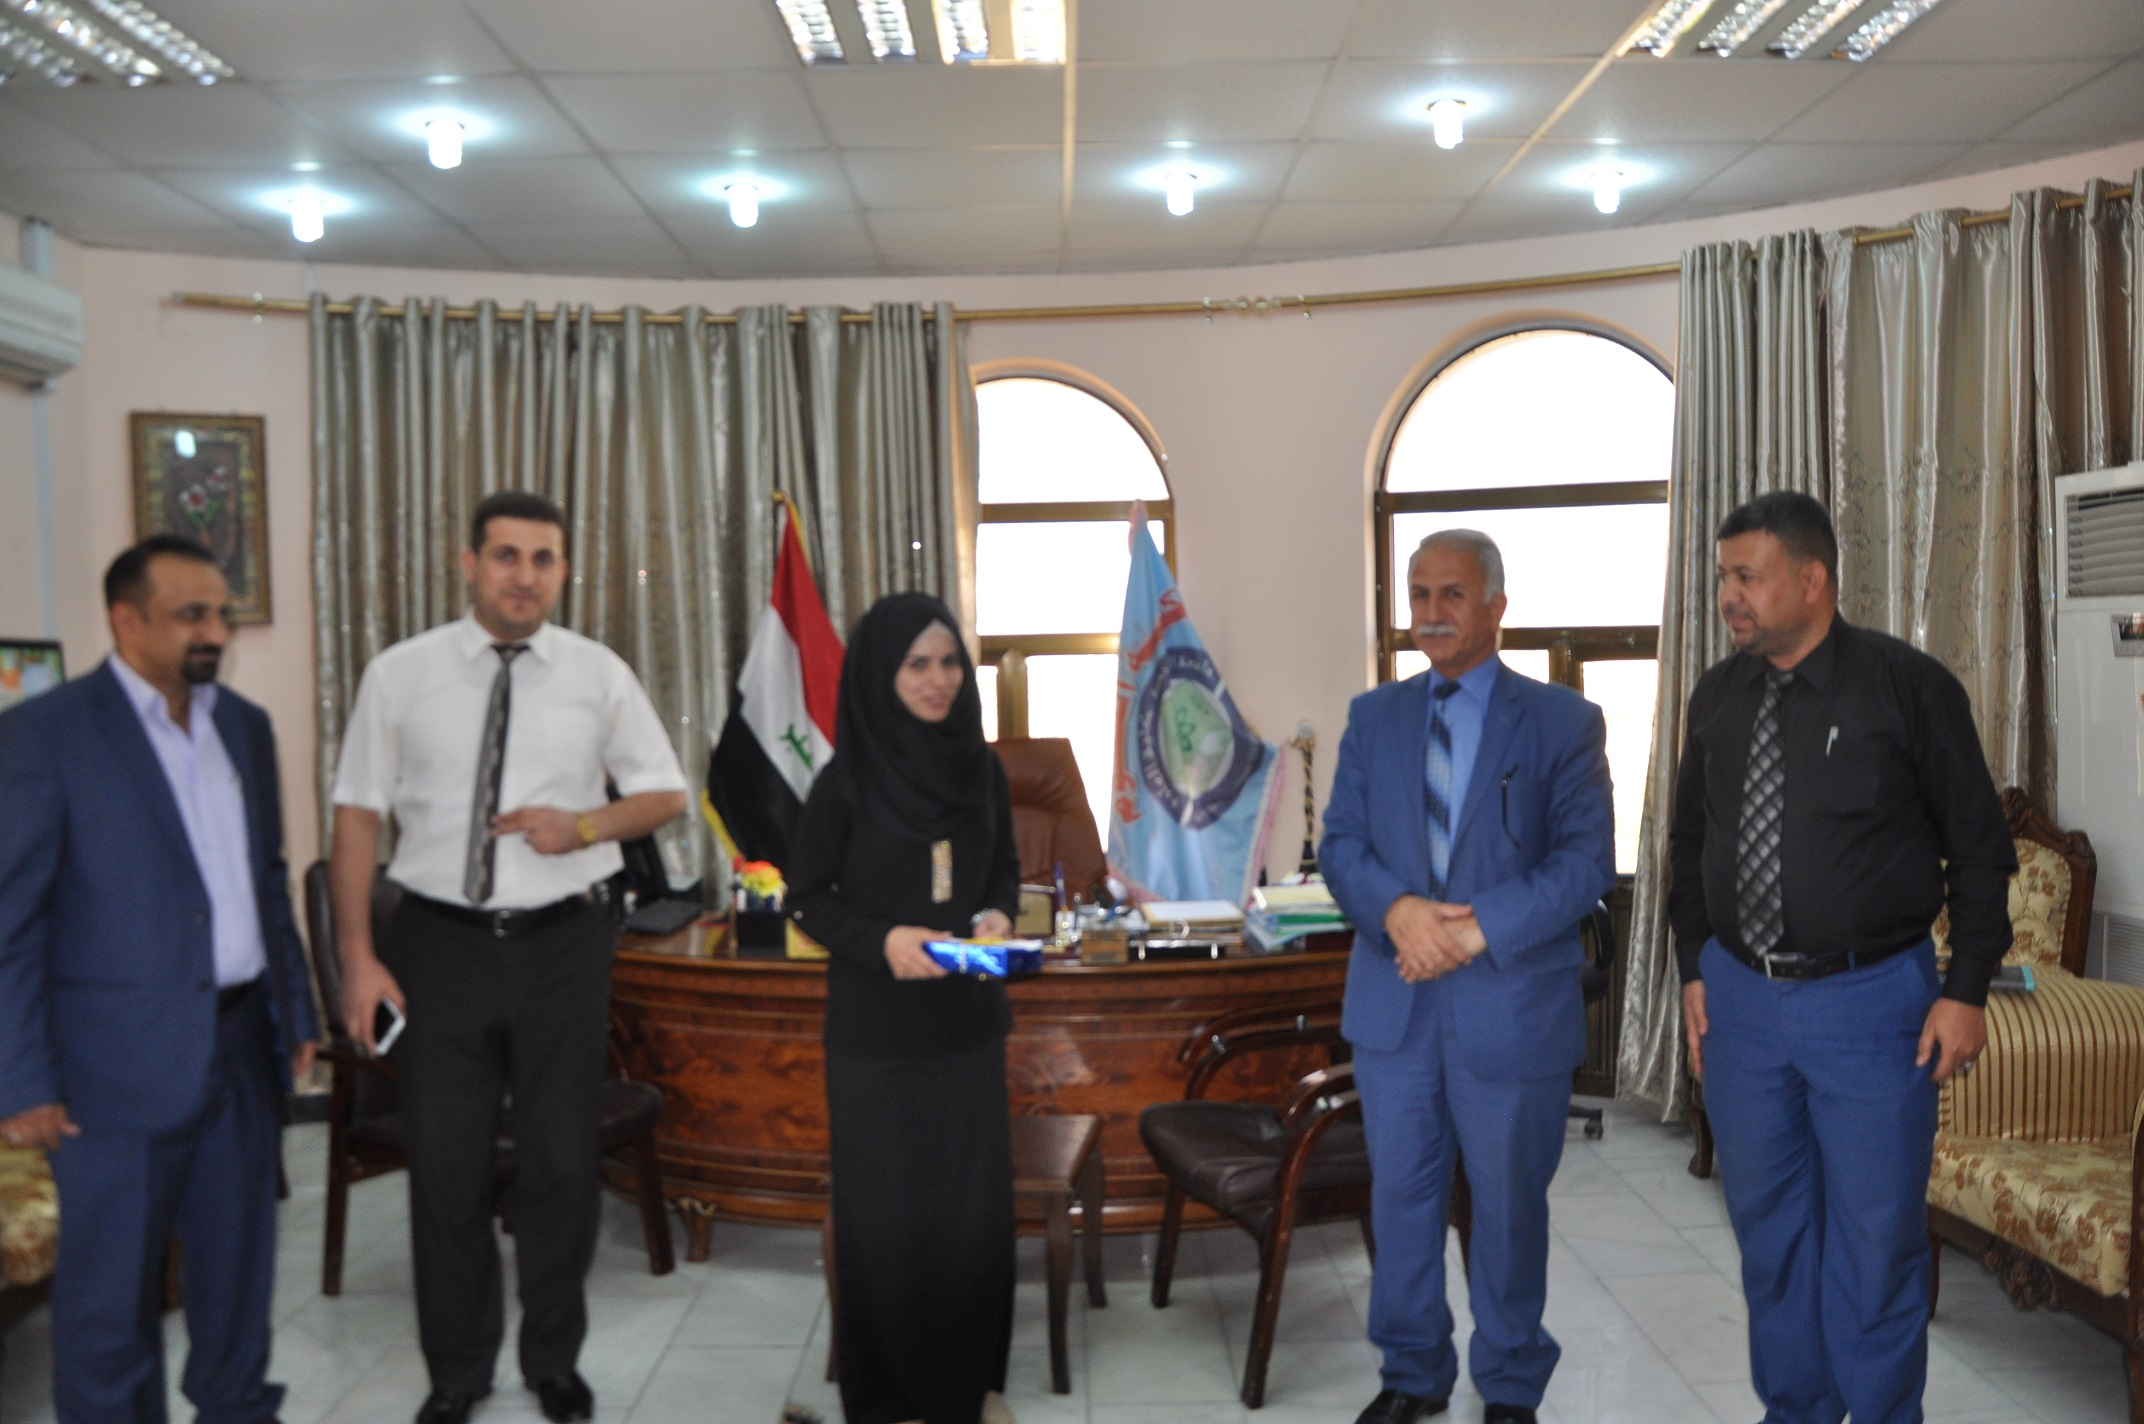 السيد عميد كلية العلوم يكرم الطلبة الاوائل على الكلية